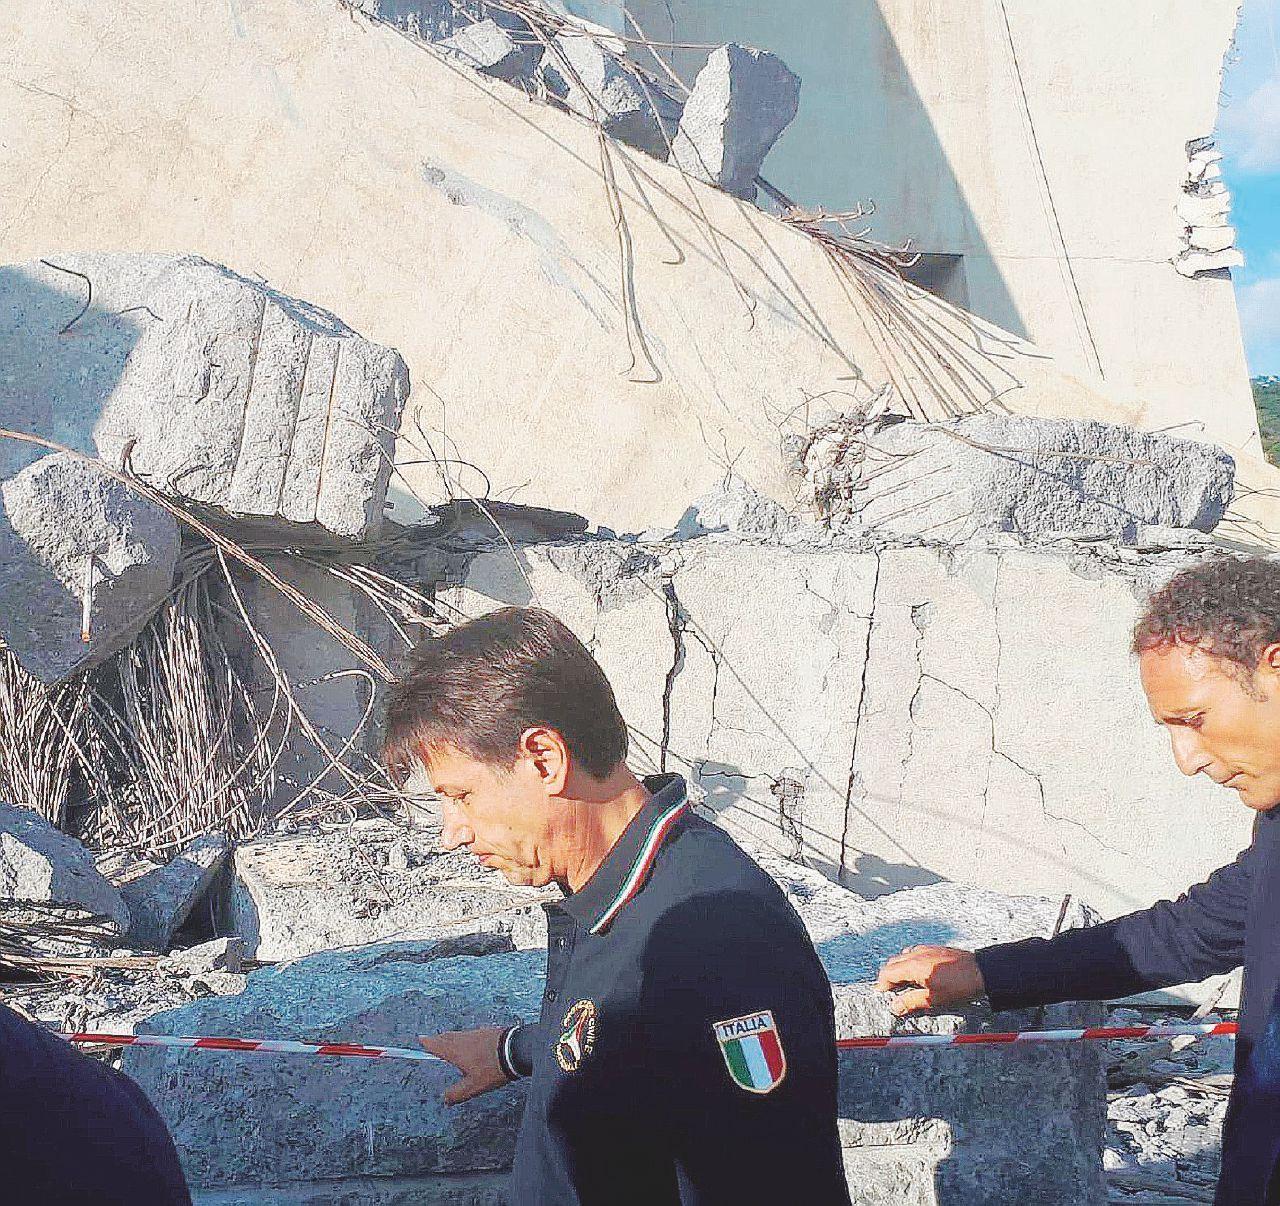 """In Edicola sul Fatto Quotidiano del 18 agosto: """"Il disastro di Genova  è un fatto oggettivo e l'onere di prevenirlo era della società"""""""